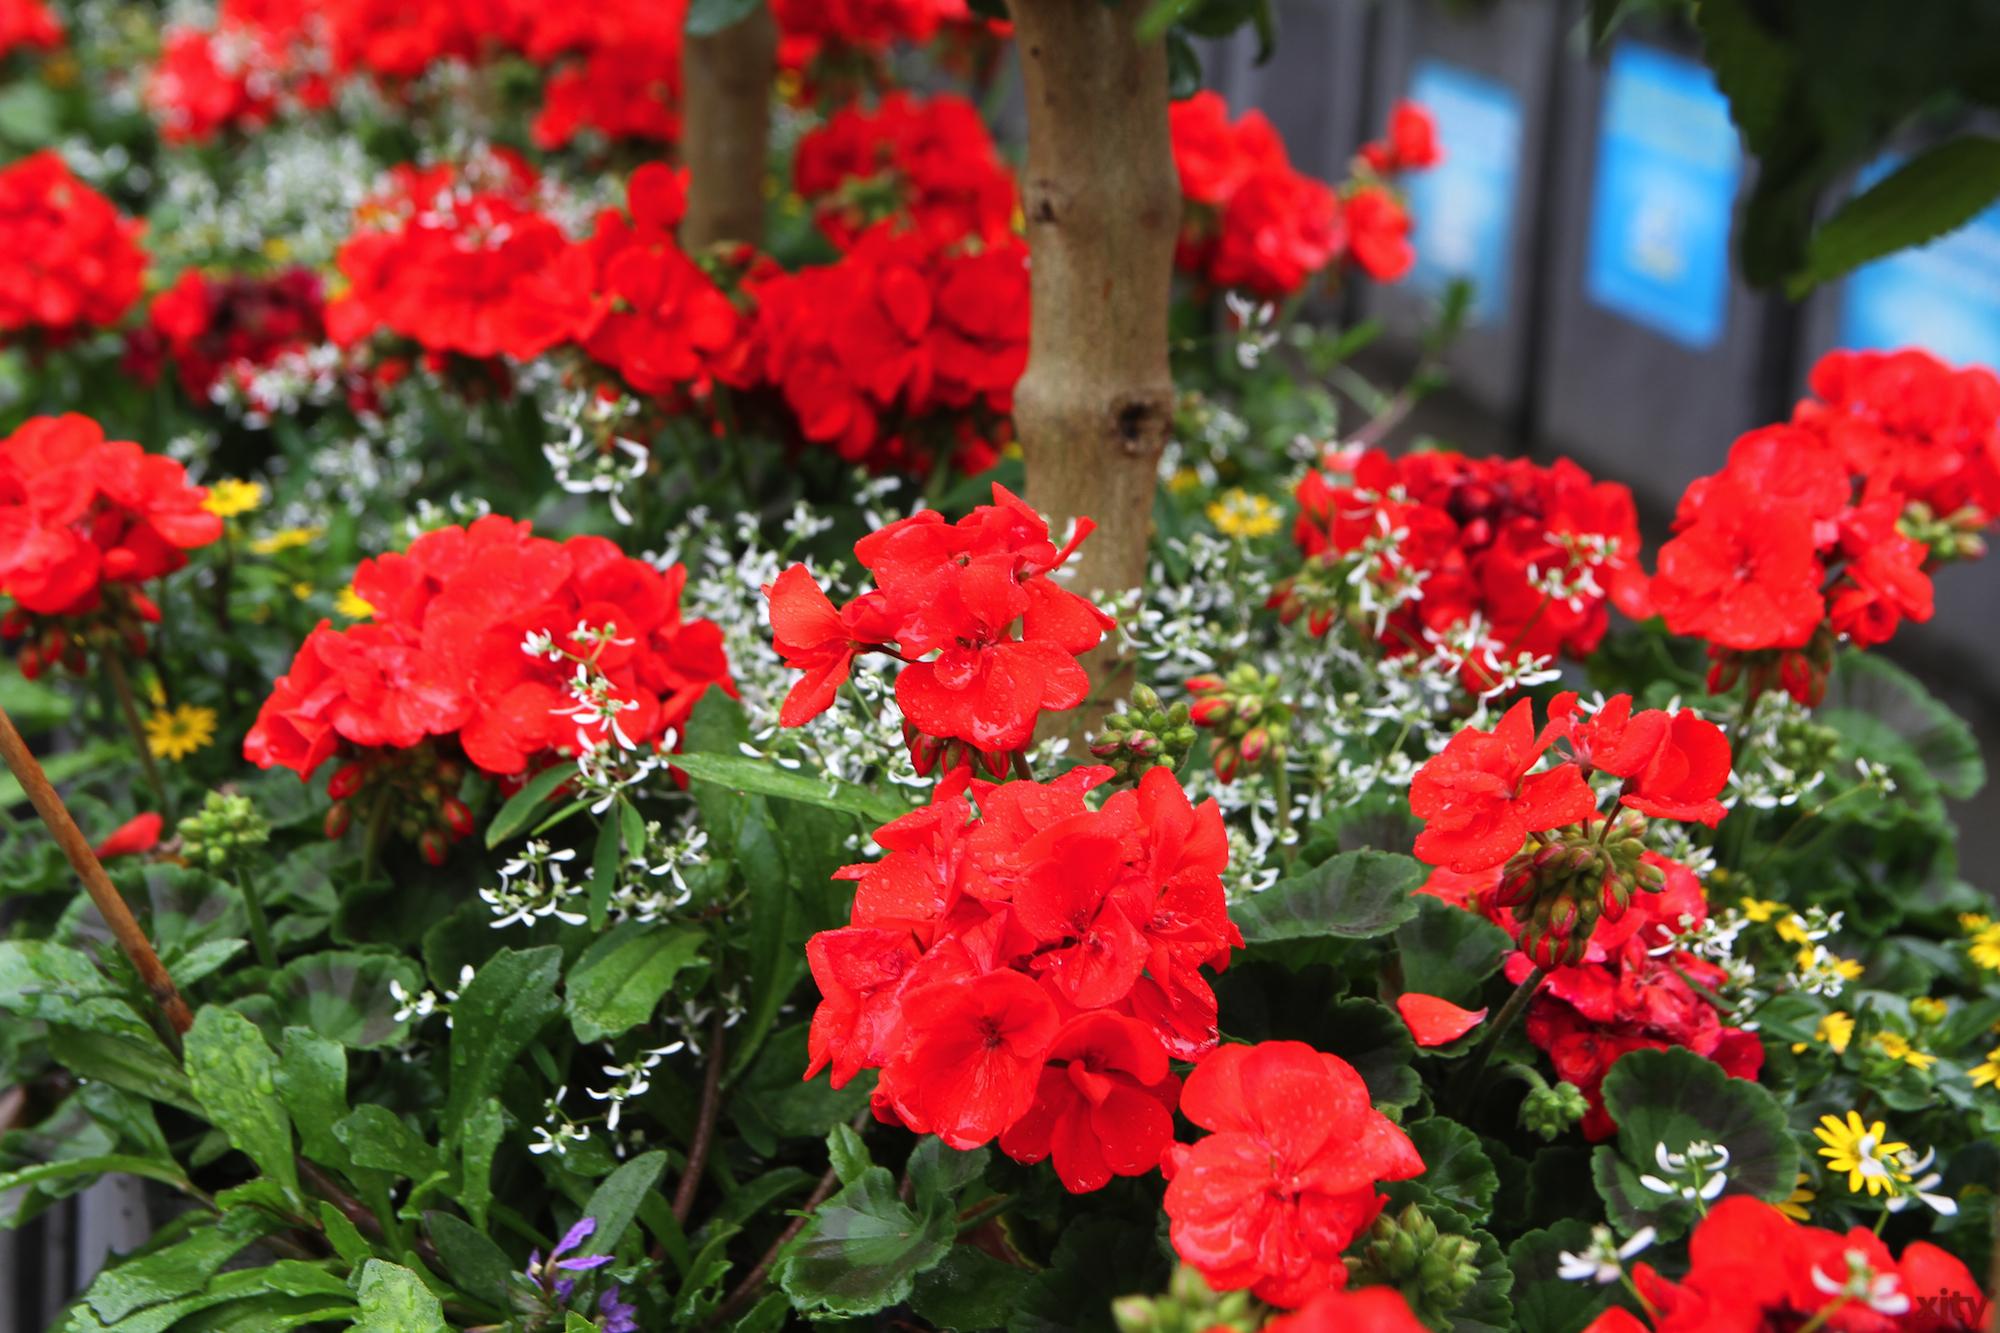 Die Blumenkübel beinhalten Wandelröschen, Geranien, Fächerblumen, Husarenknöpfchen und Zauberschnee (Foto: xity)